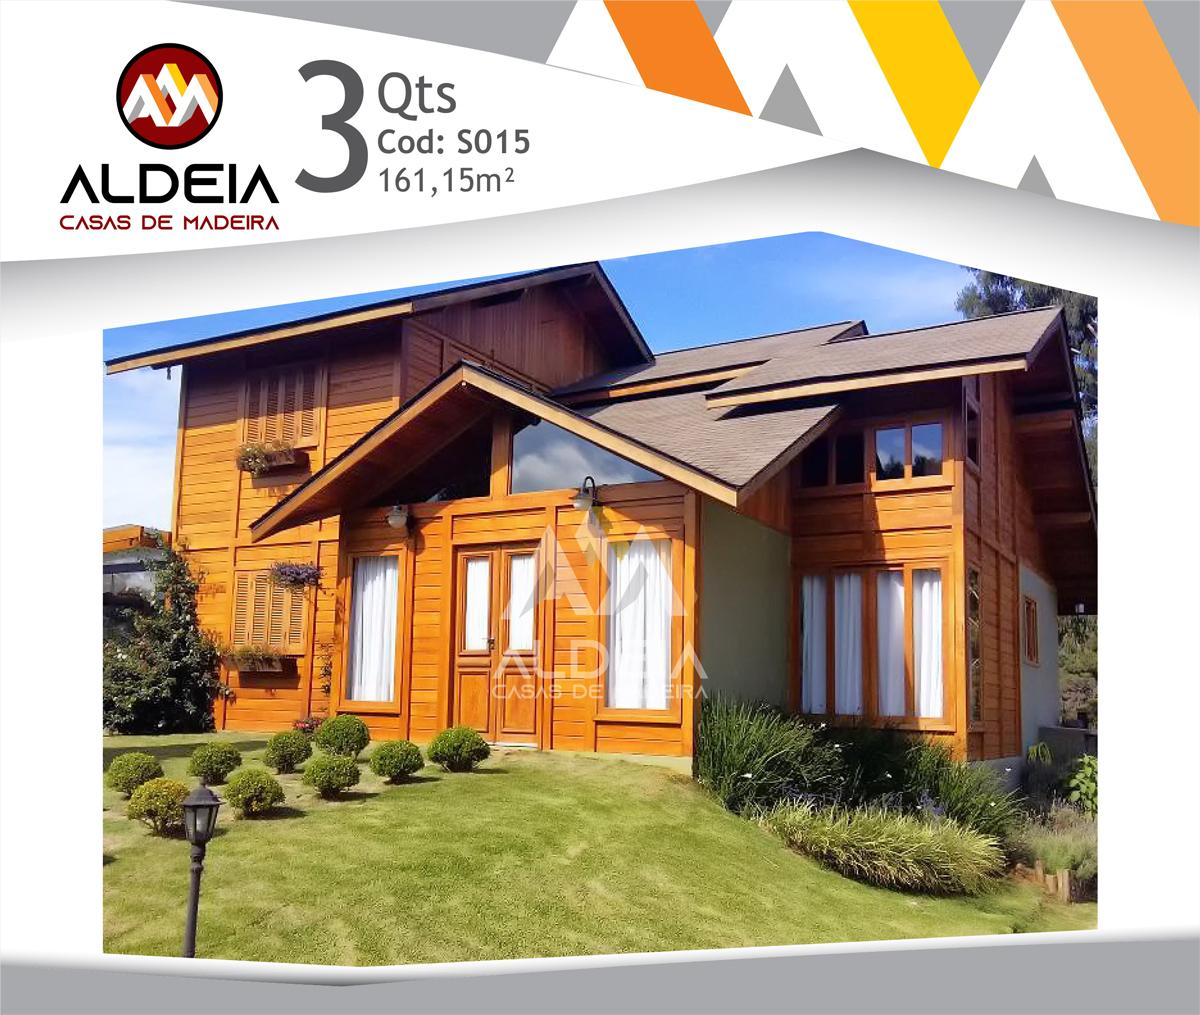 aldeia-casas-madeira-fachada-S015